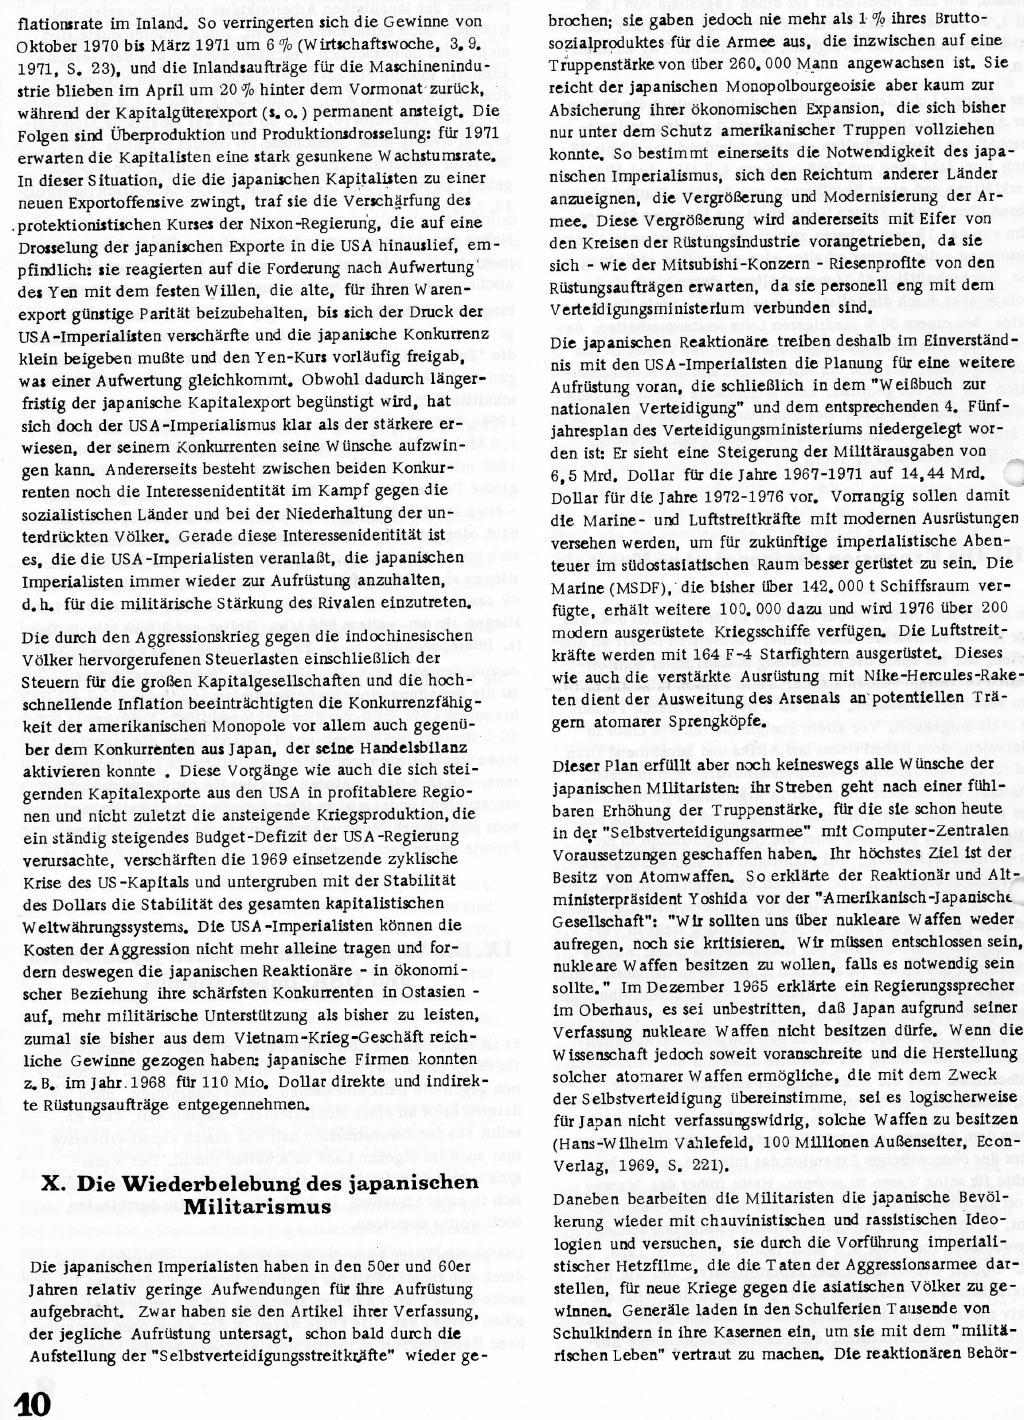 RPK_1971_132_10